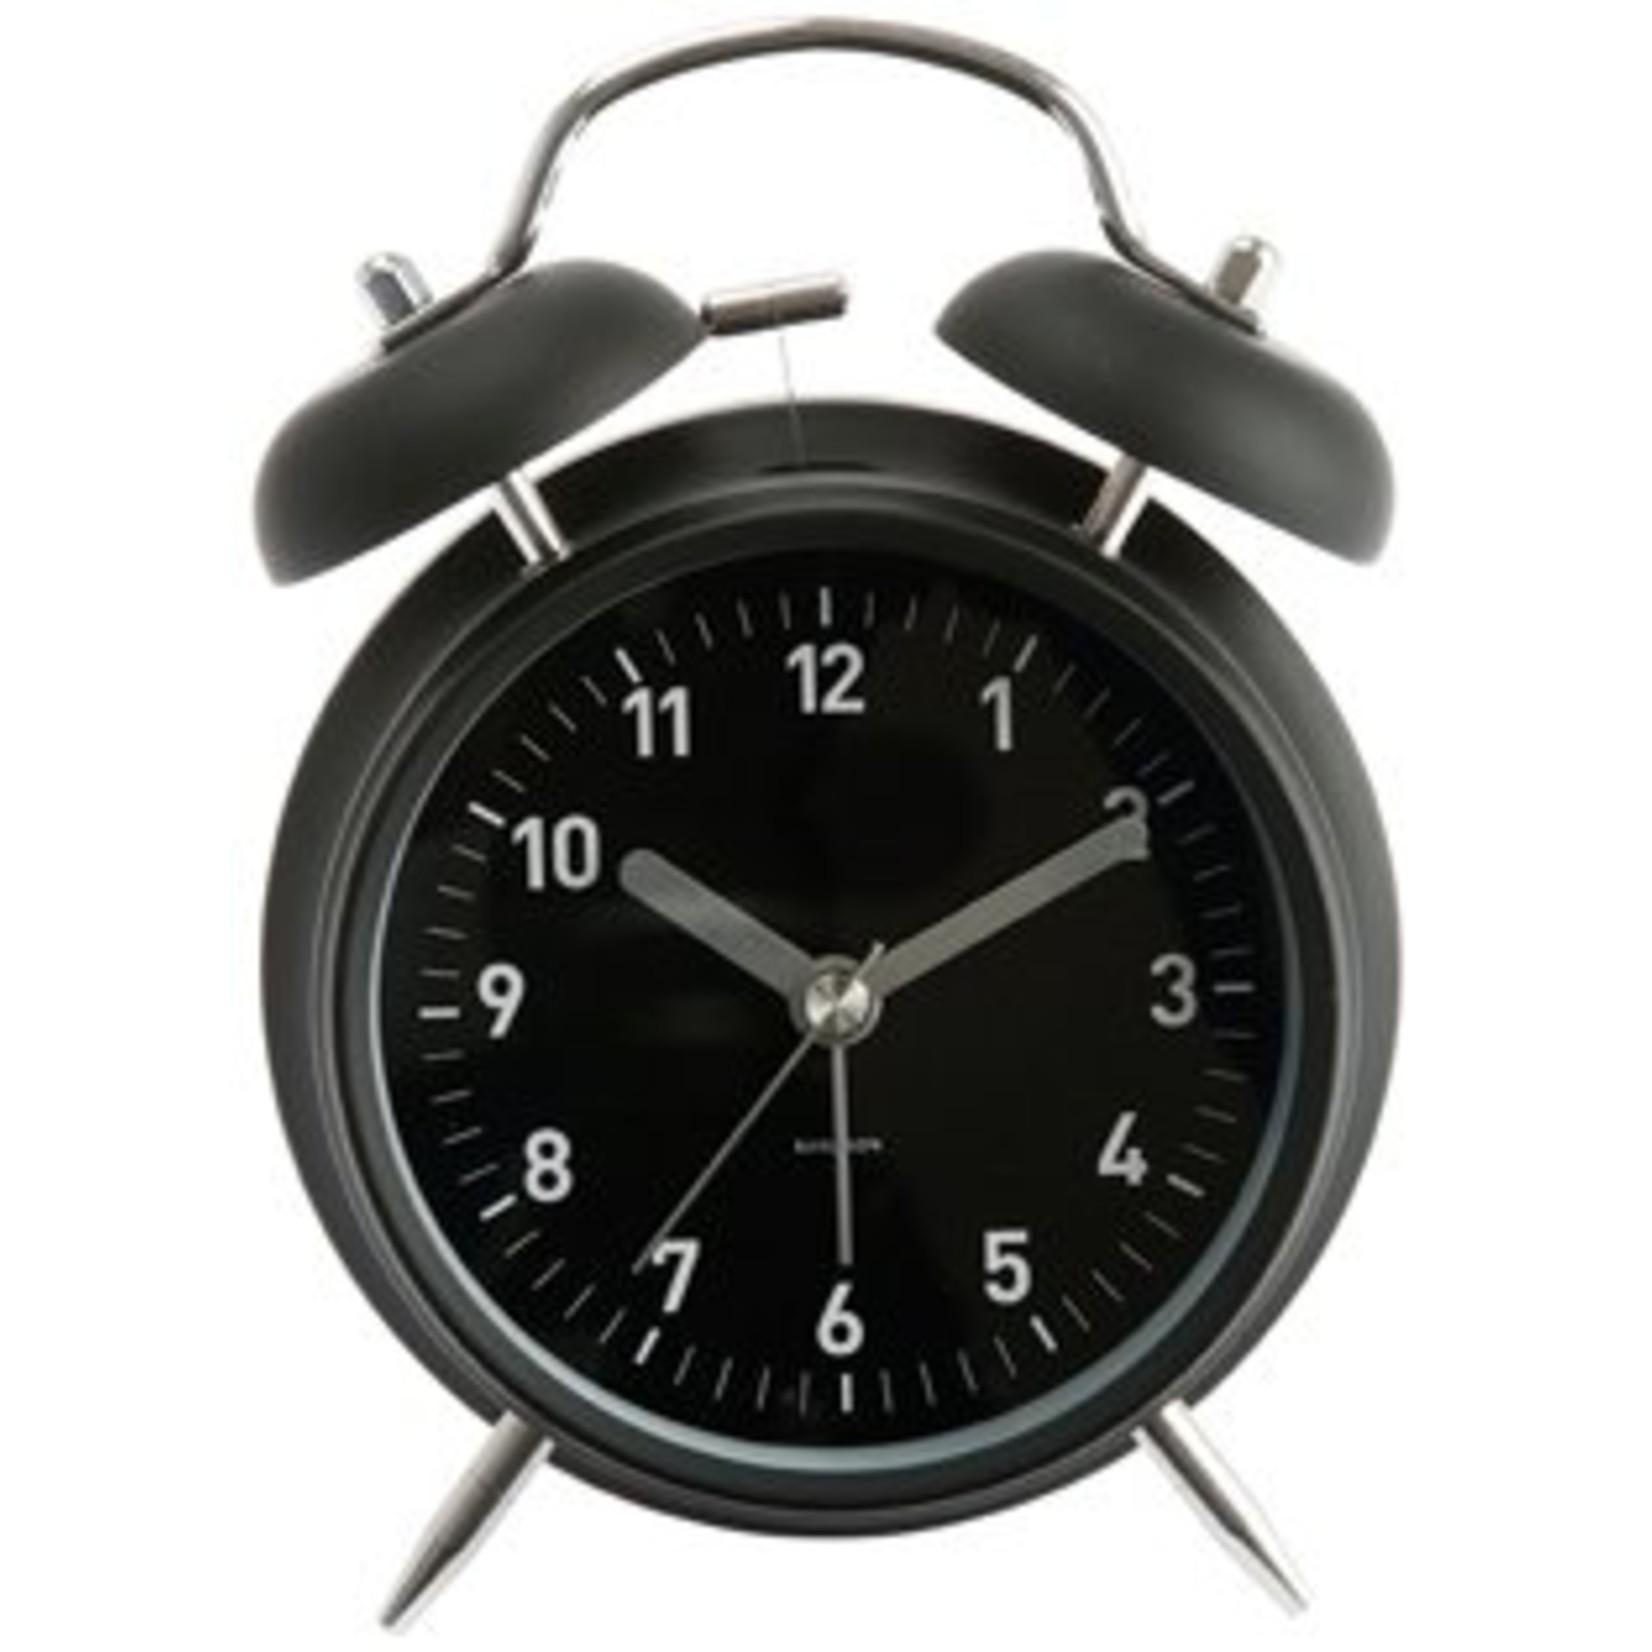 PT Mooie mat zwarte wekker met twee bellen zodat je altijd op tijd uit bed bent.